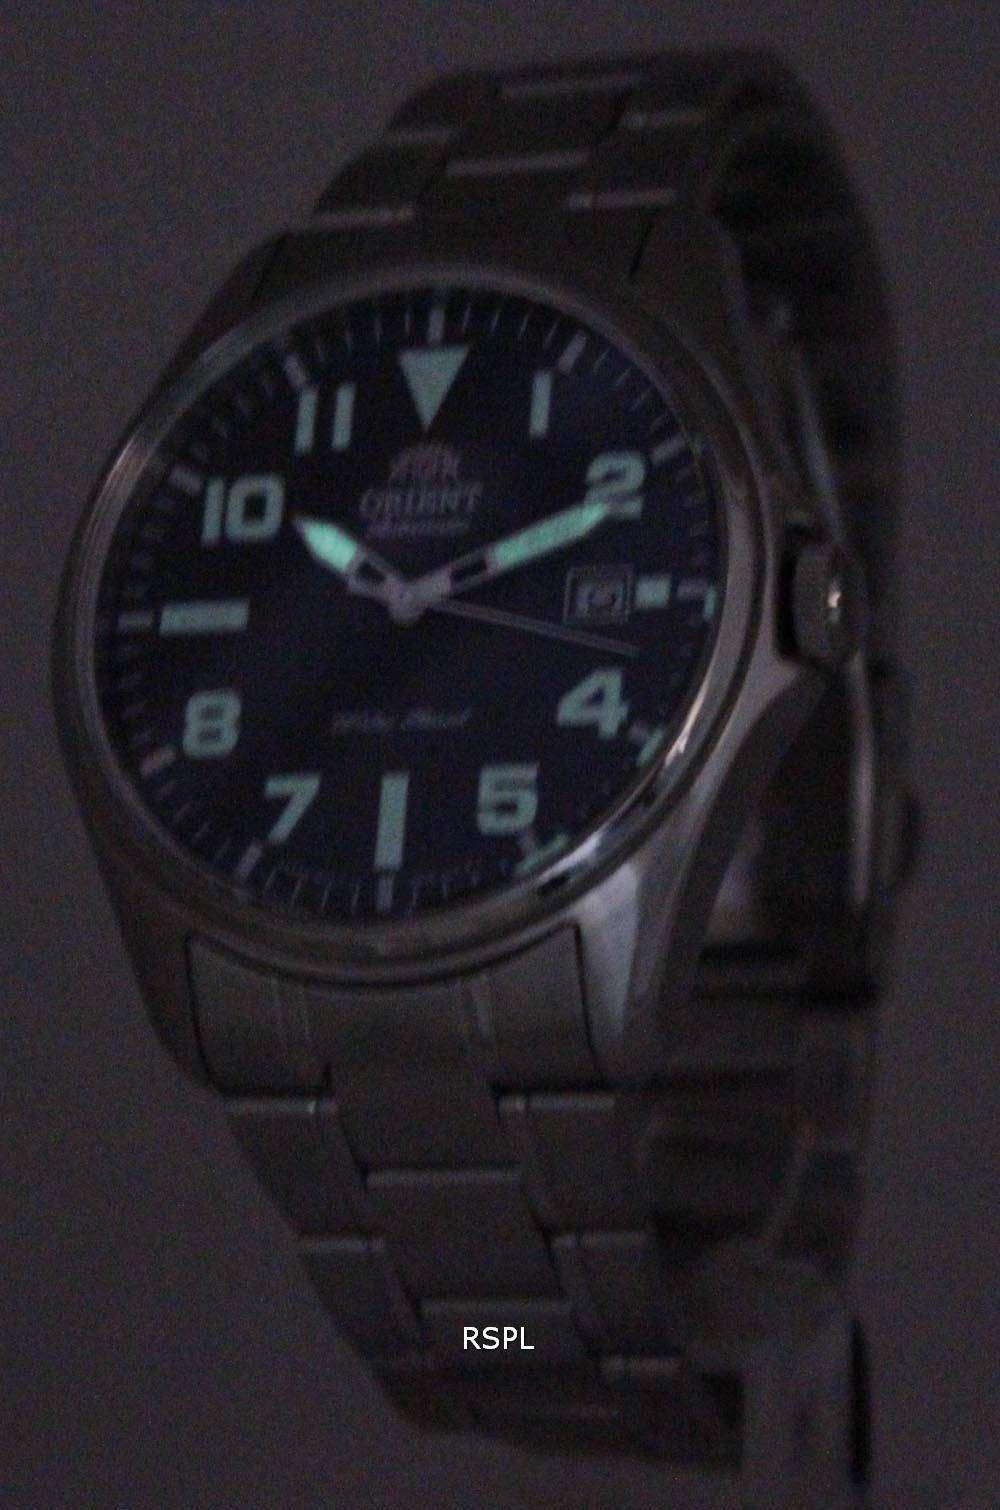 Orient td0zb архив мужские кварцевые наручные часы с хронографом (секундомером) и будильником orient td0zb.